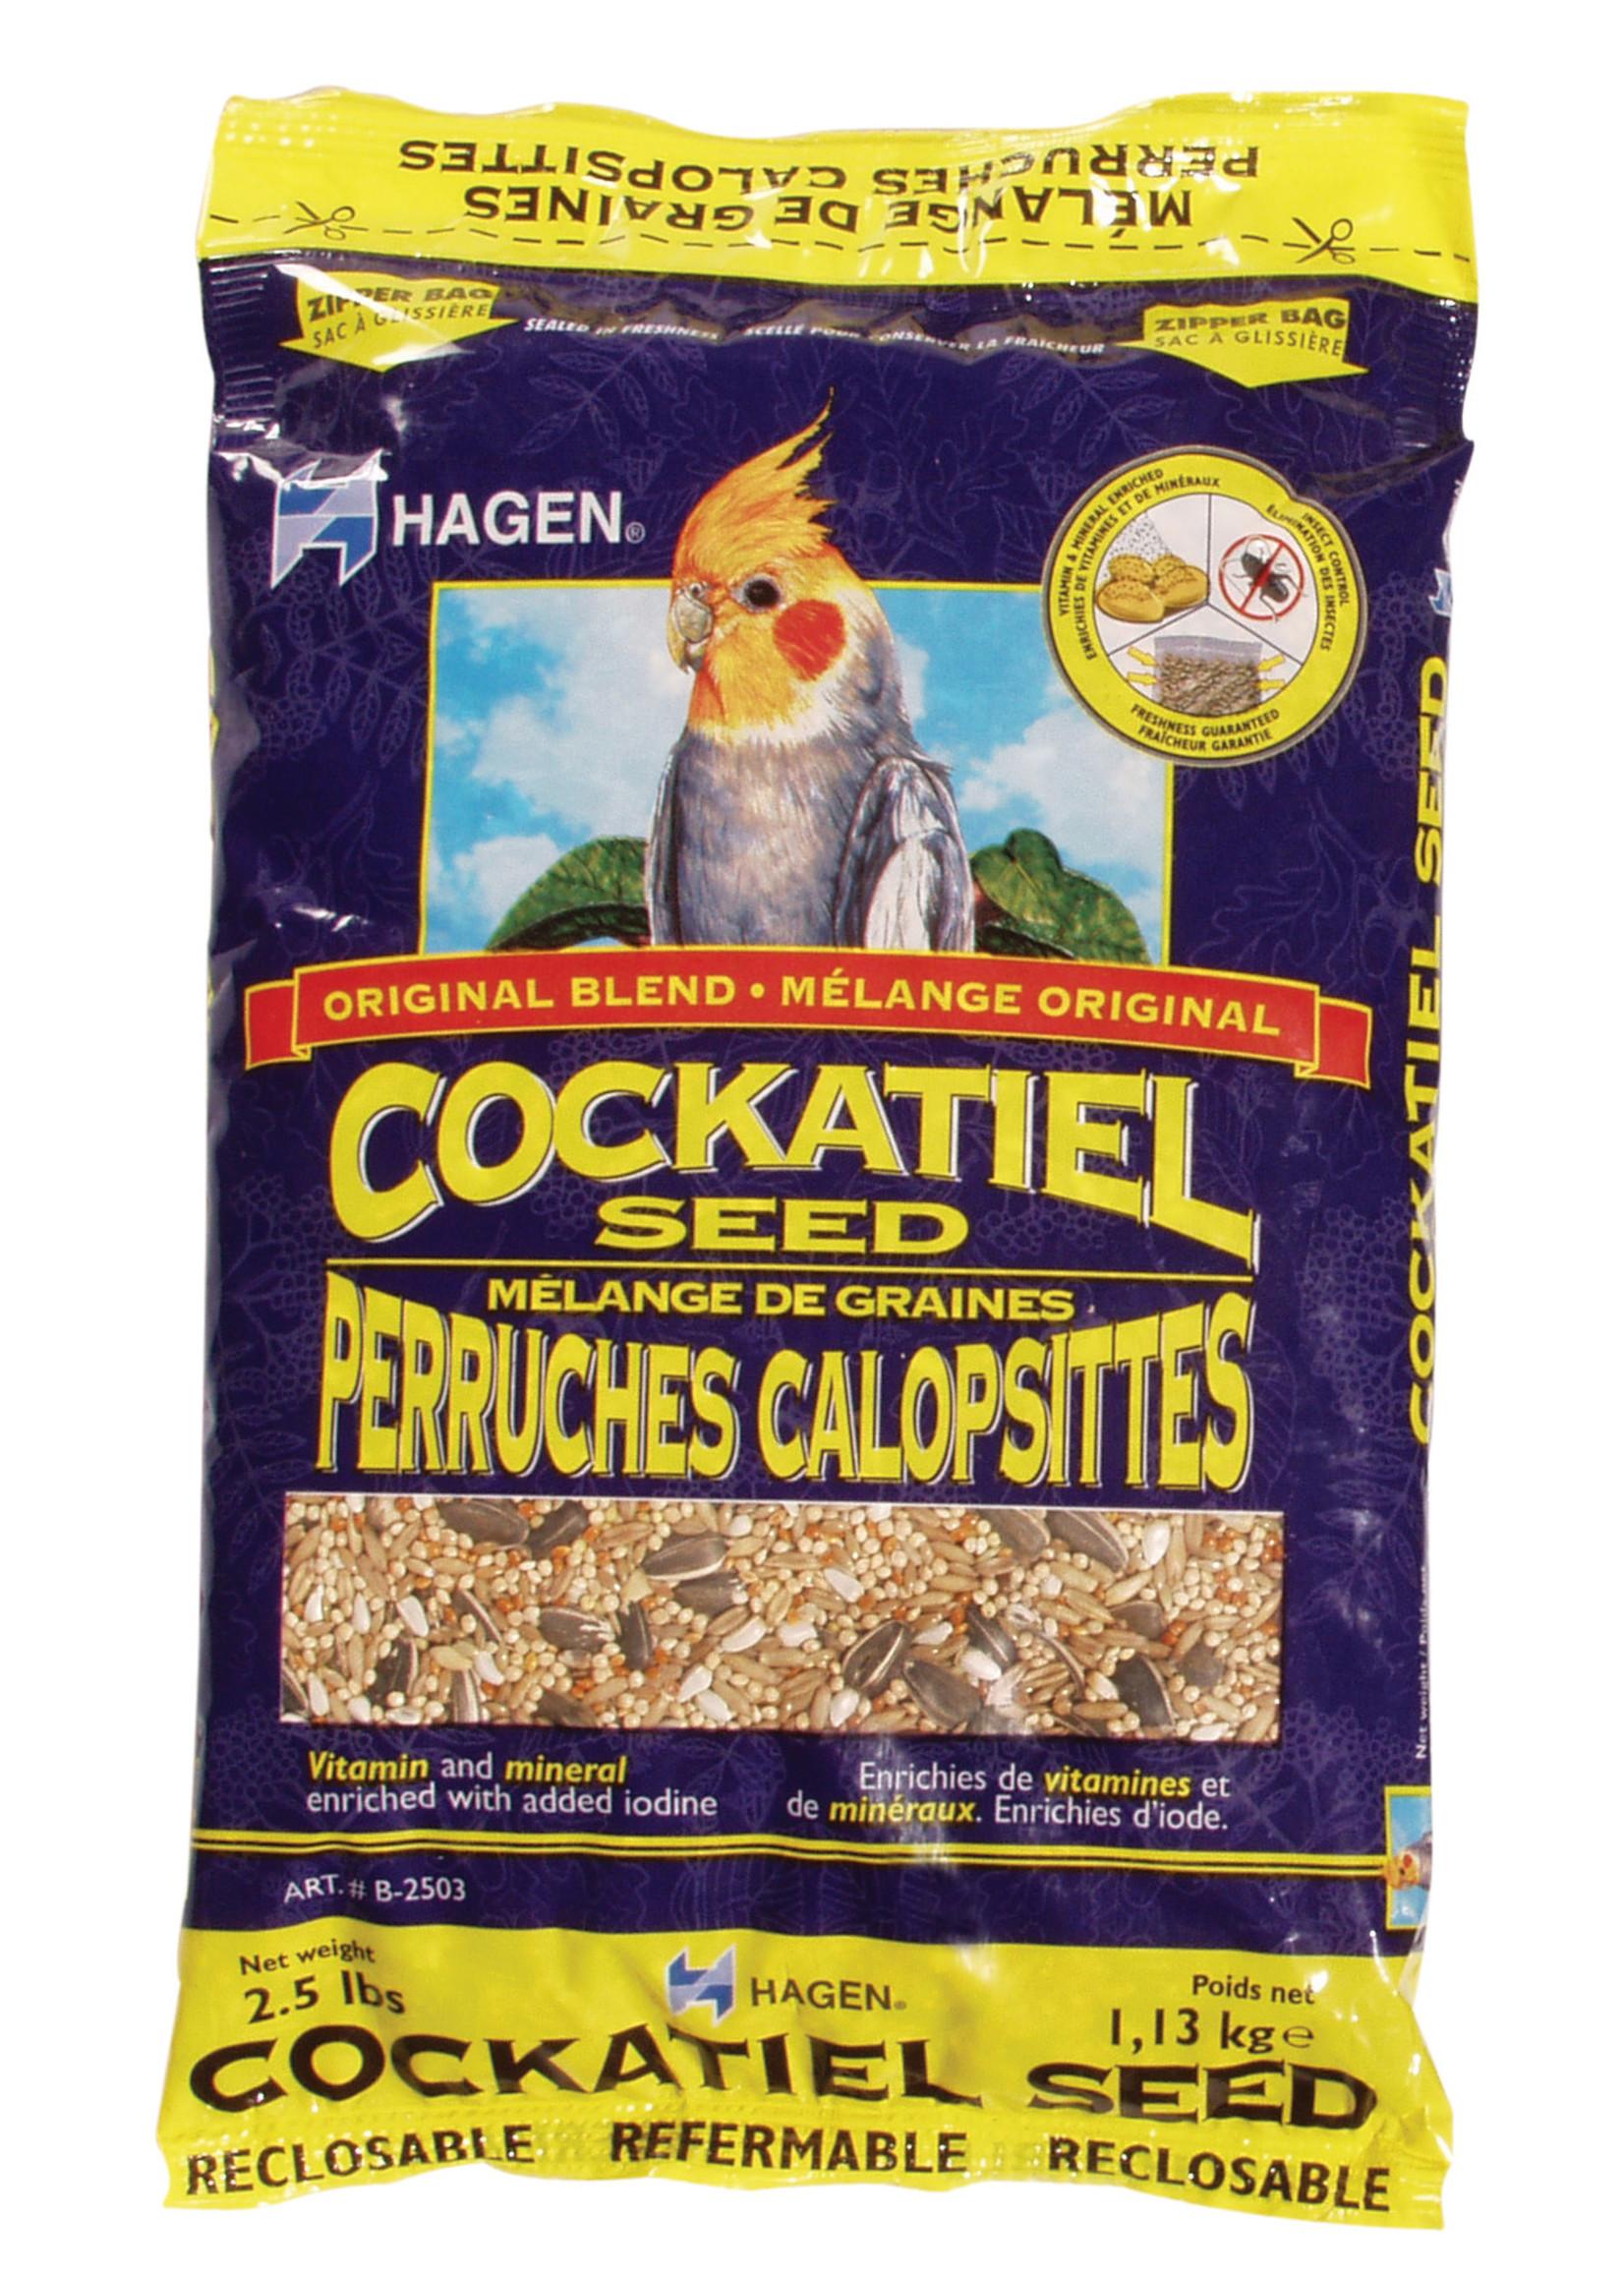 Hagen Cockatiel Staple VME Seed, 1.13 kg (2.5 lb)